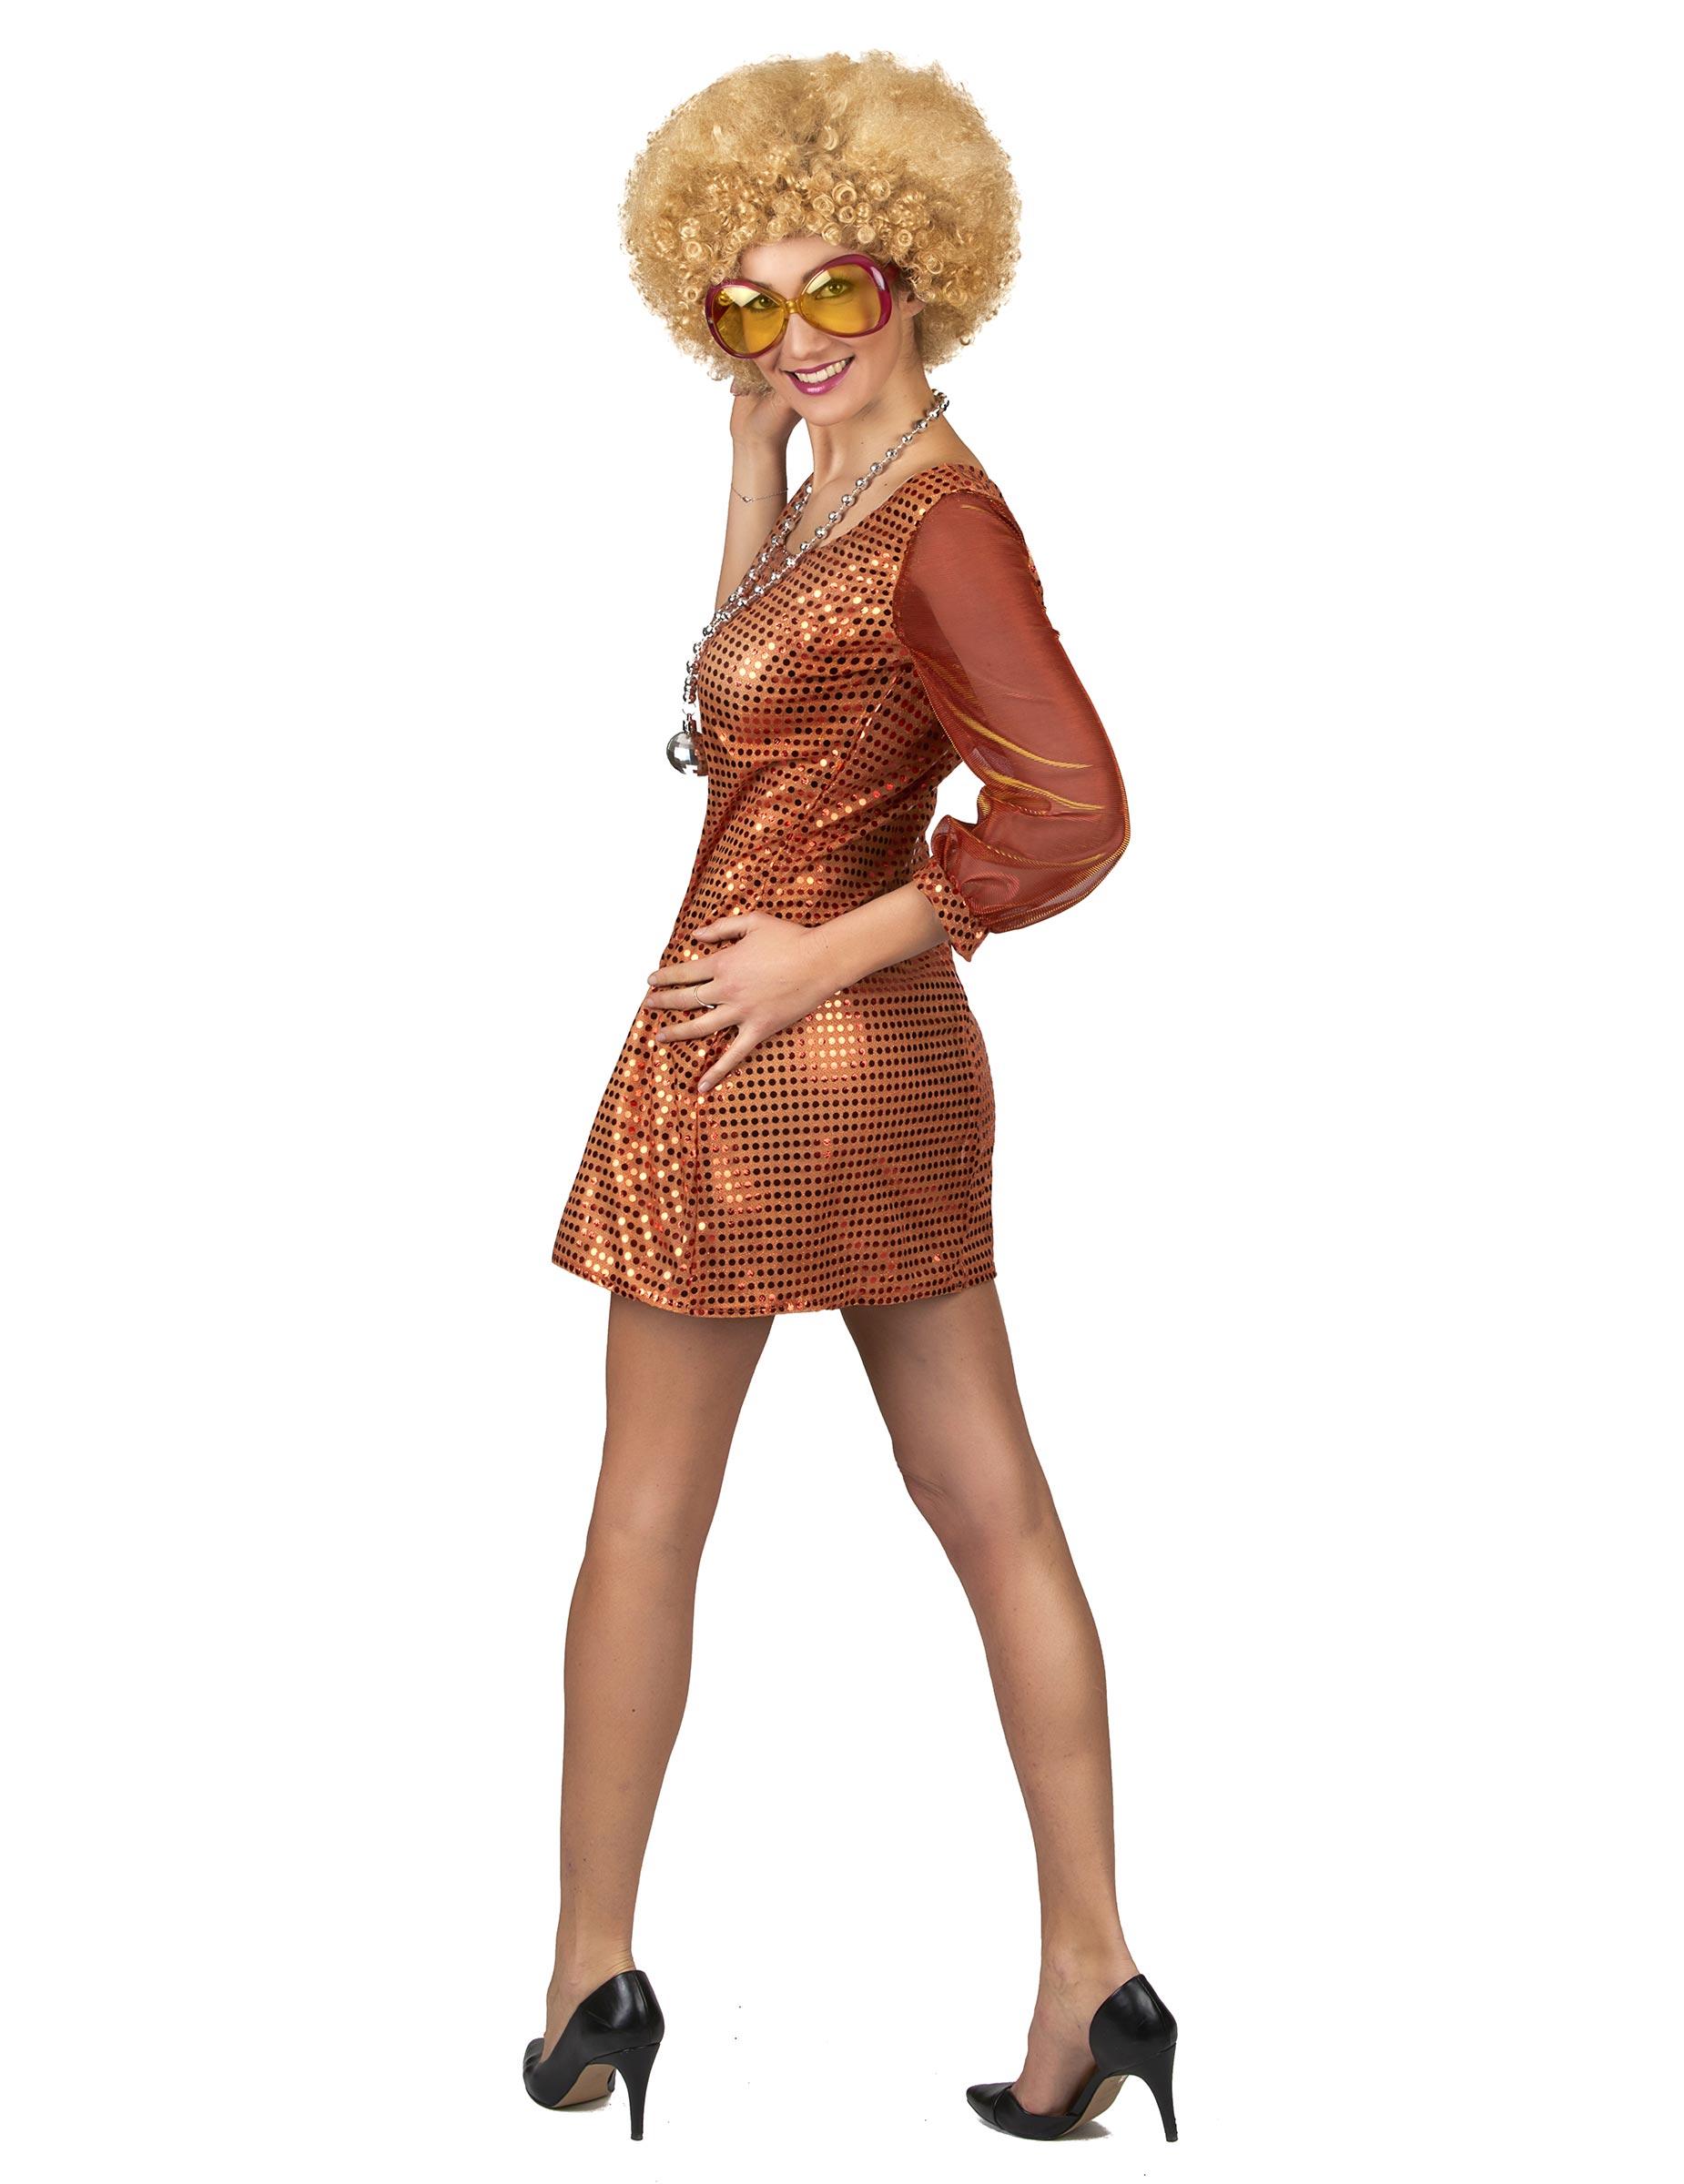 Costume arancione tema disco con paillettes da donna su VegaooParty ... 2d84f9cd7d27